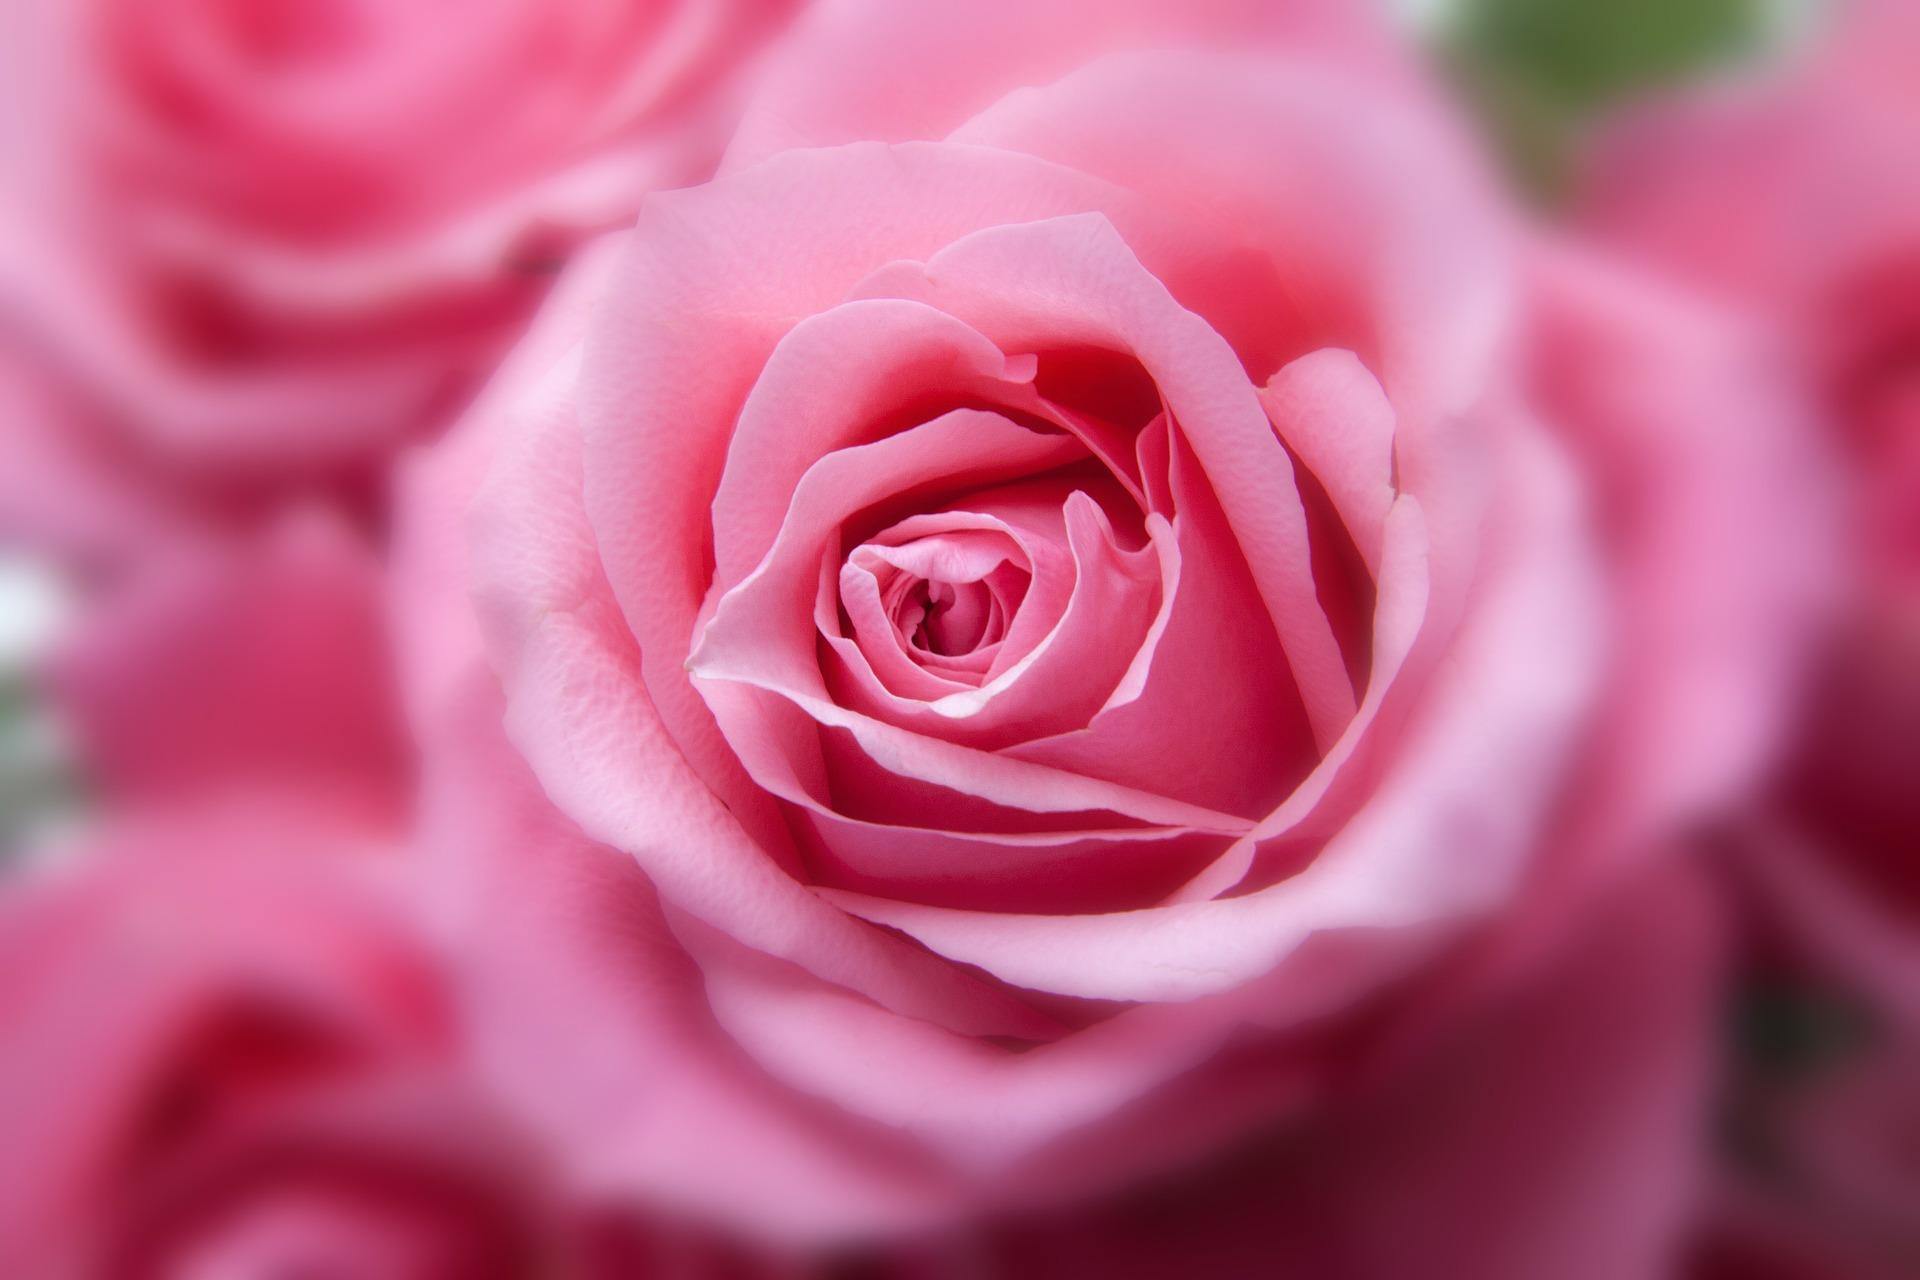 Eine pinkfarbene Rose